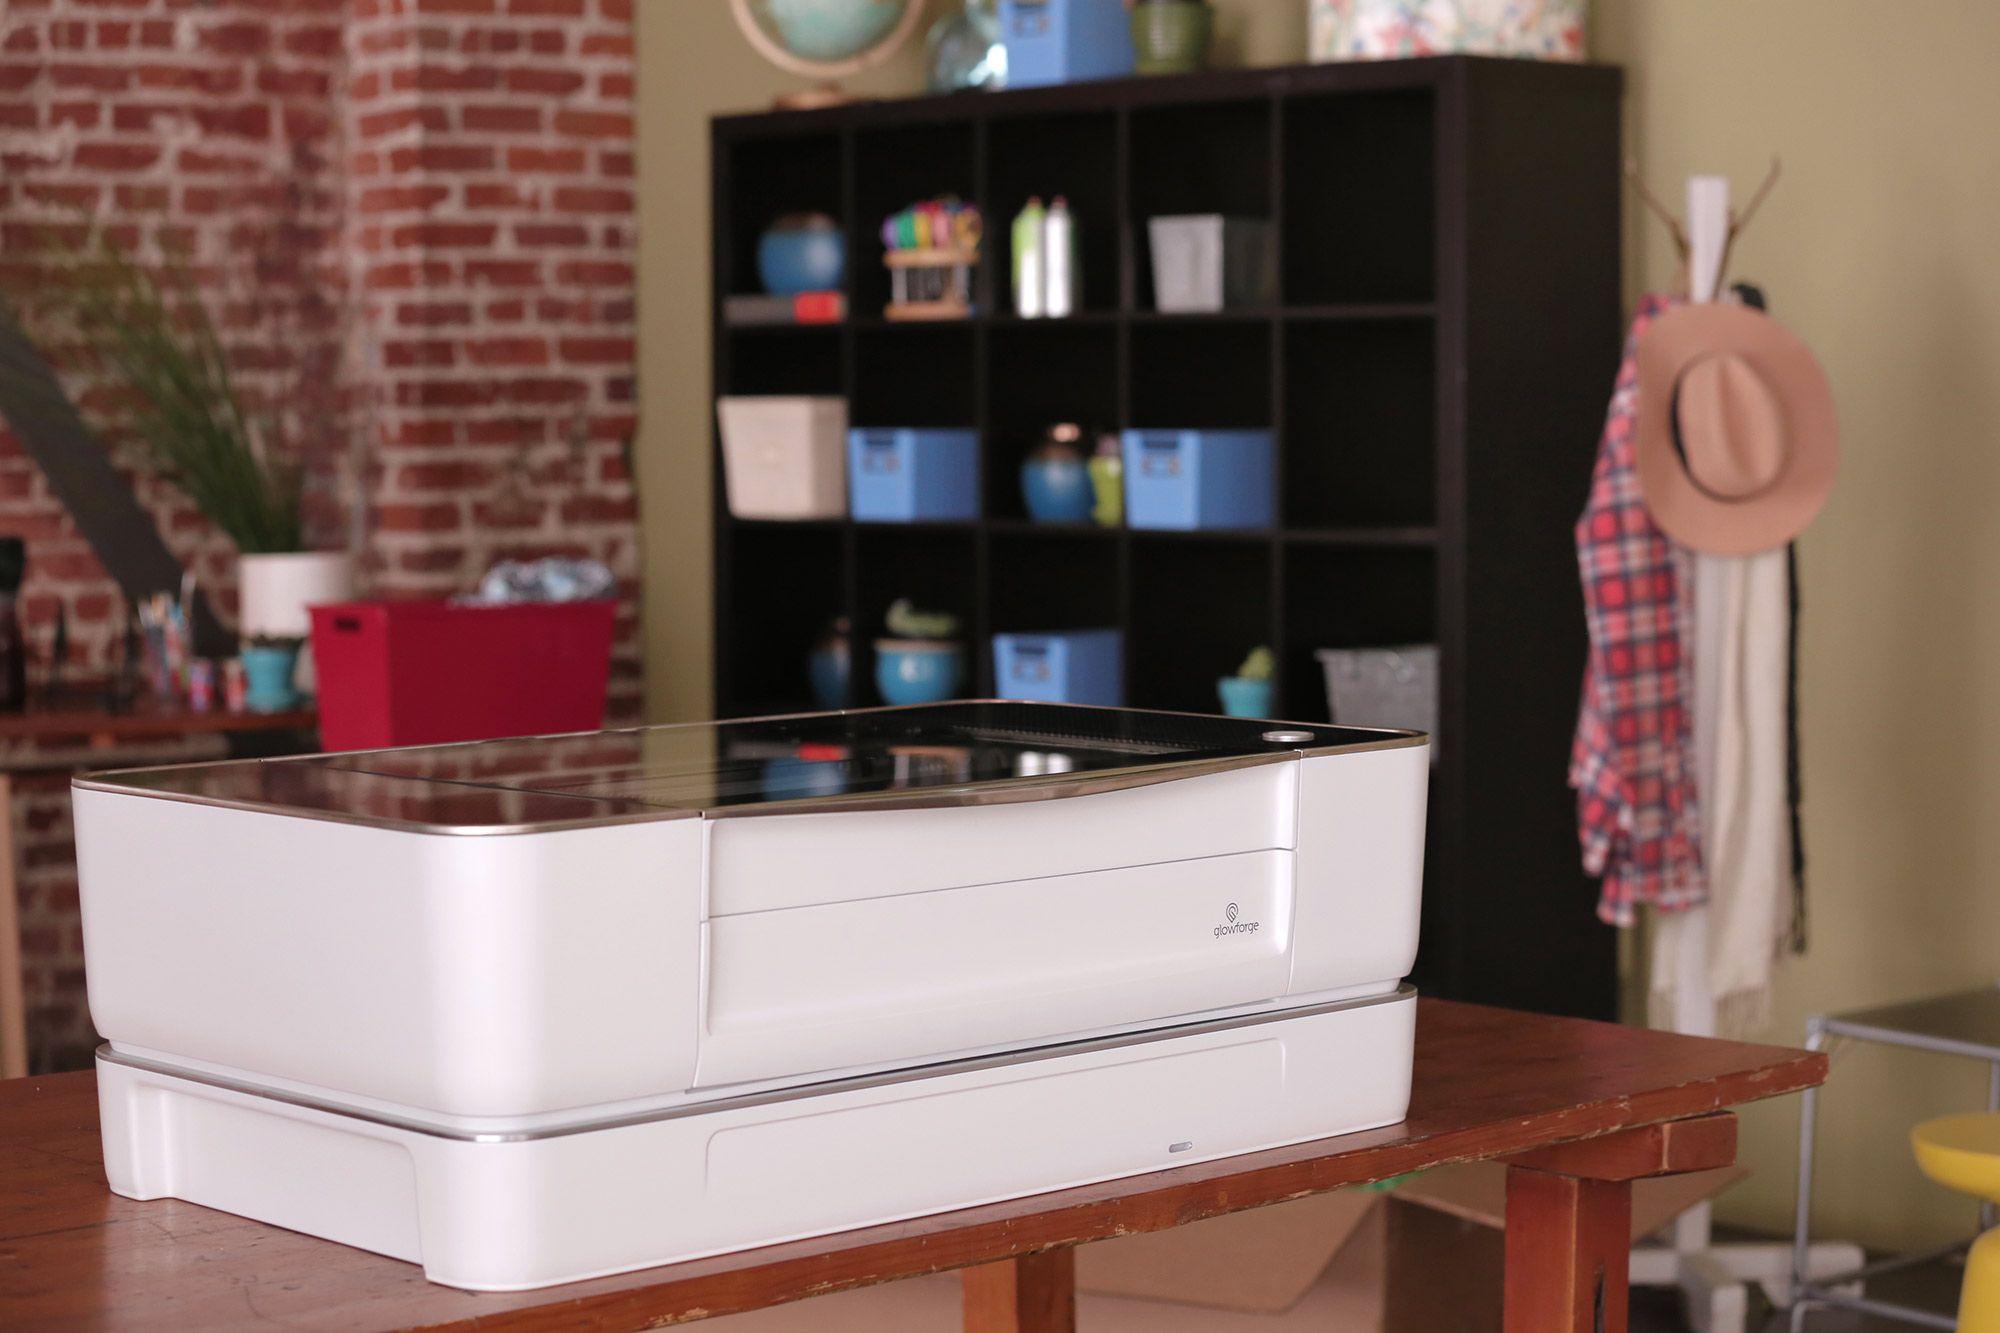 47+ Craft flow 3d printer ideas in 2021